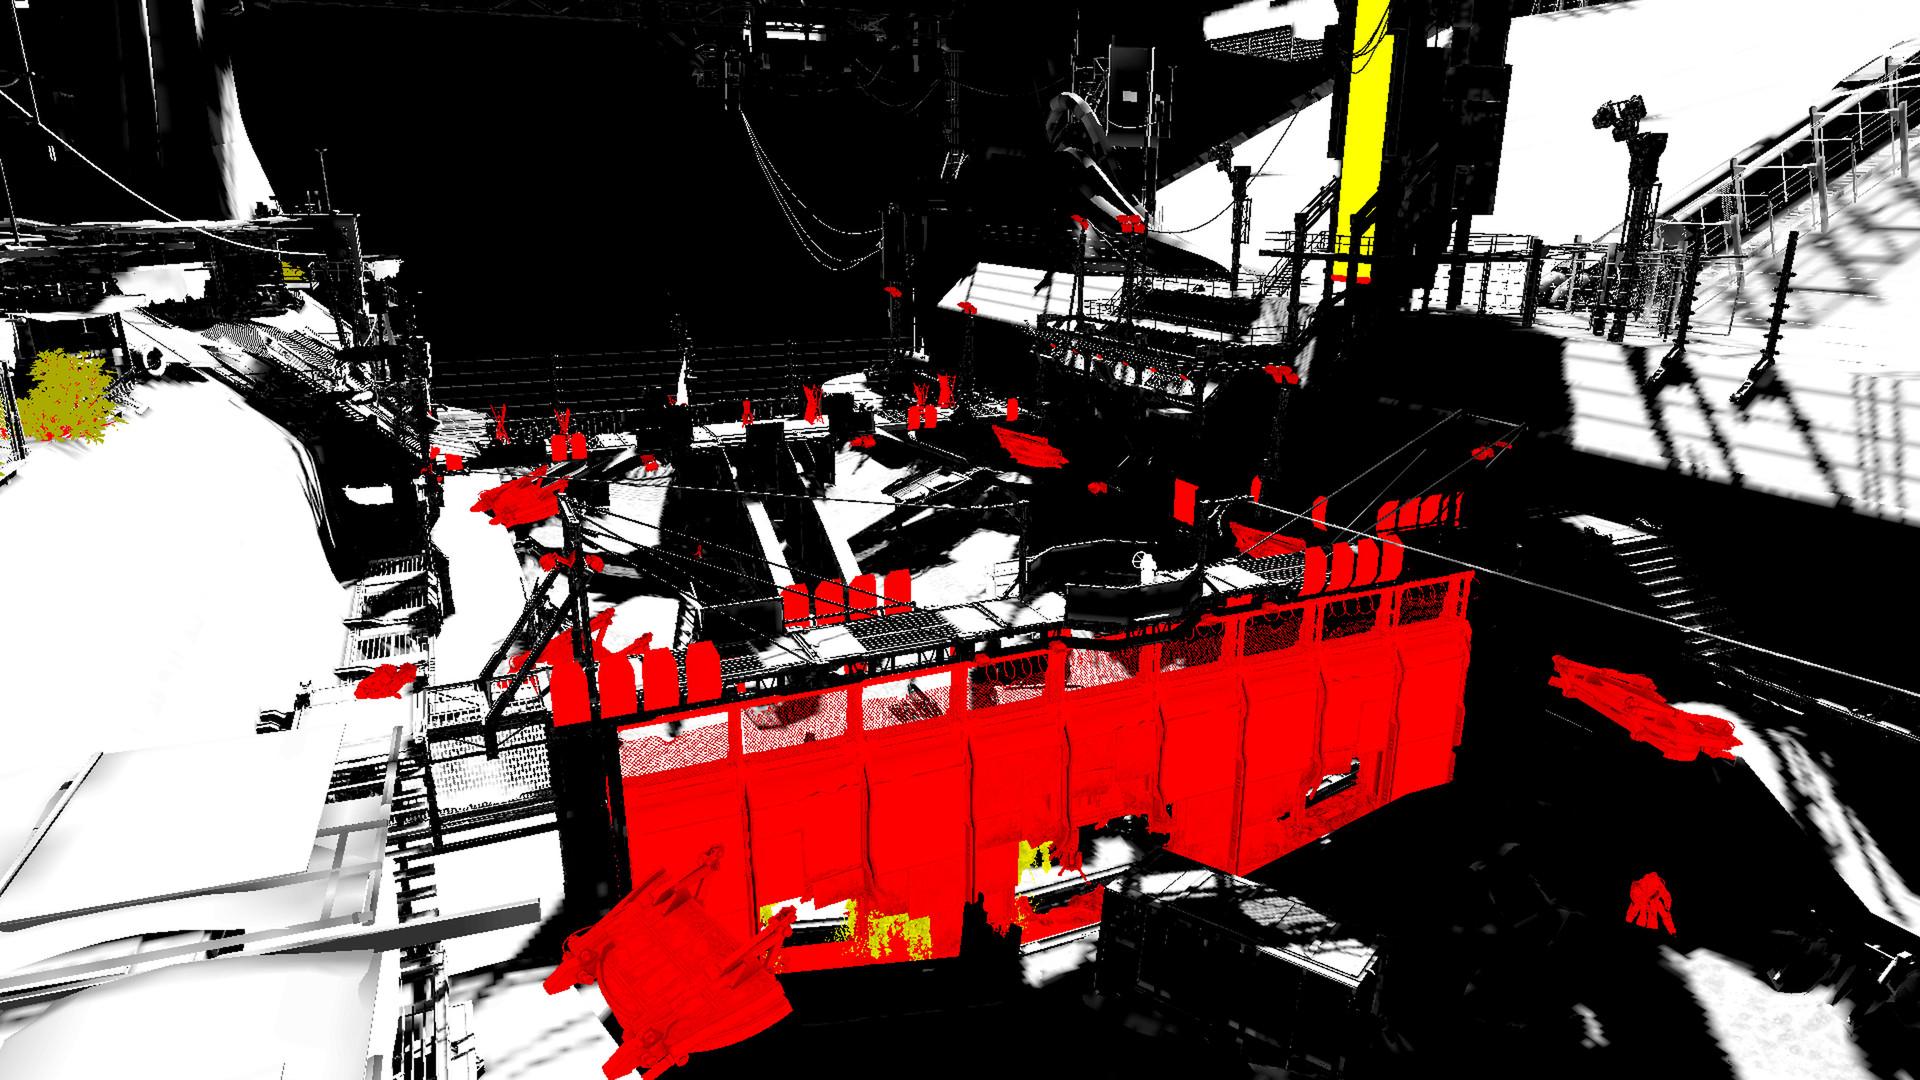 ArtStation - KZ:SF - Lighting technical breakdown, Matthew